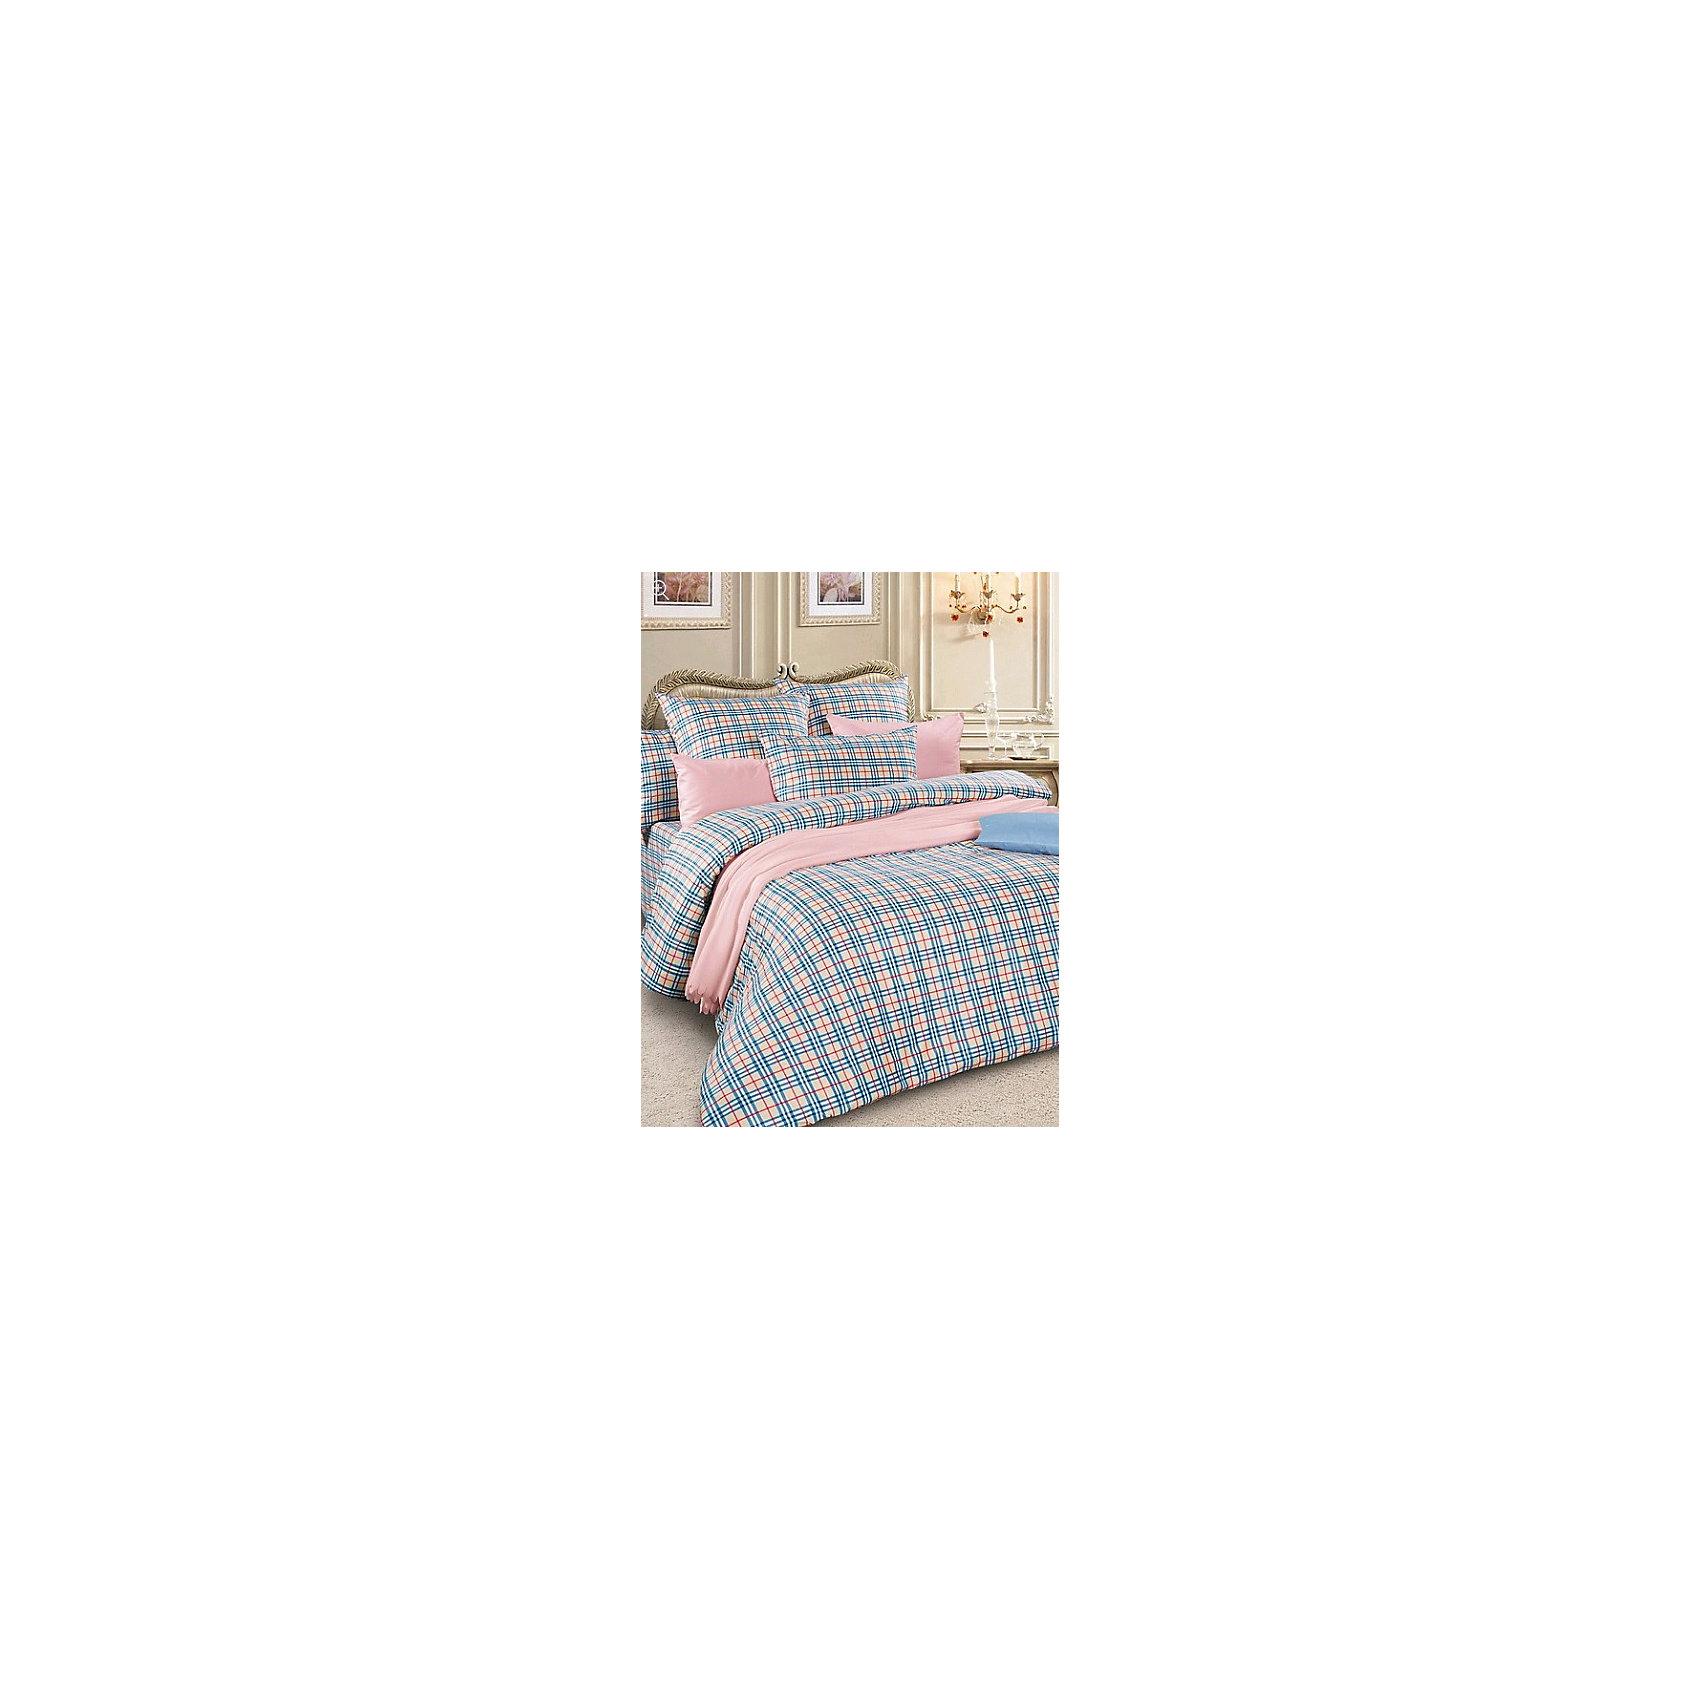 Letto Постельное белье Евро SM57 сатин, (нав.70х70), Letto комплект белья letto народные узоры 1 5 спальный наволочки 70х70 цвет красный белый бордовый